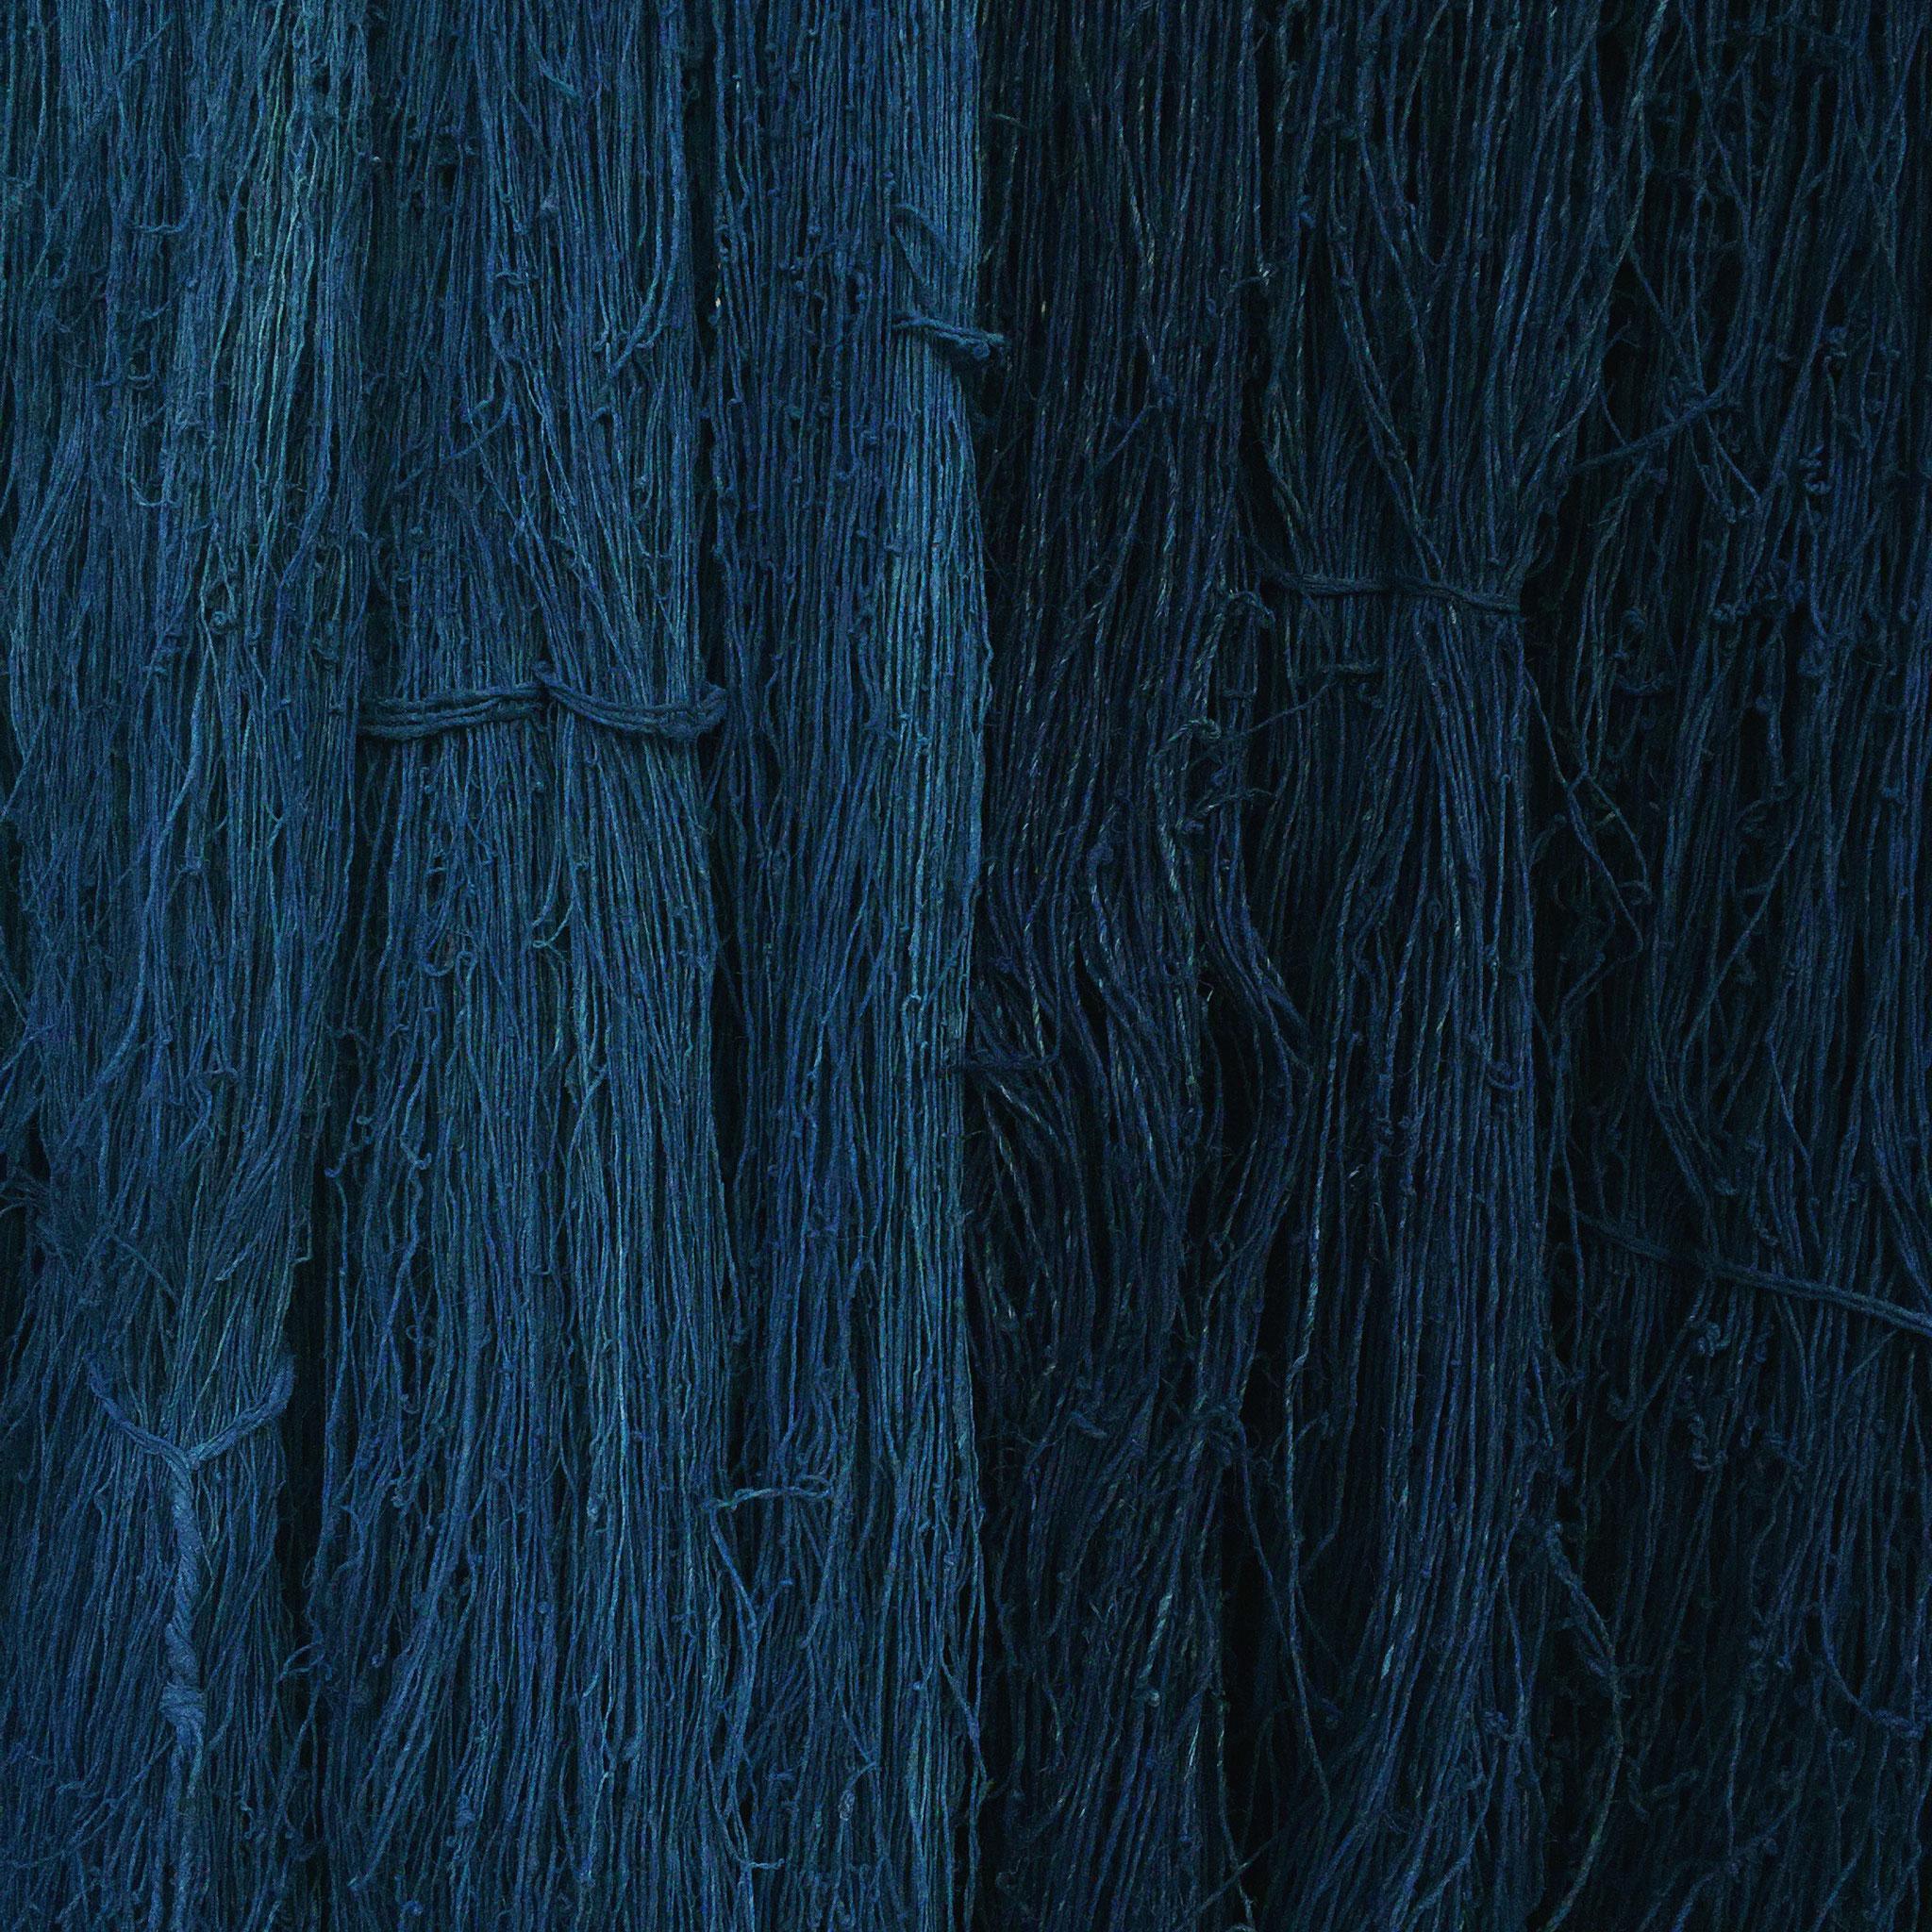 天然発酵建てした琉球藍で染めたいらくさの糸。    糸染めもすべて西川が一人で、主に天然の染料を使って行います。